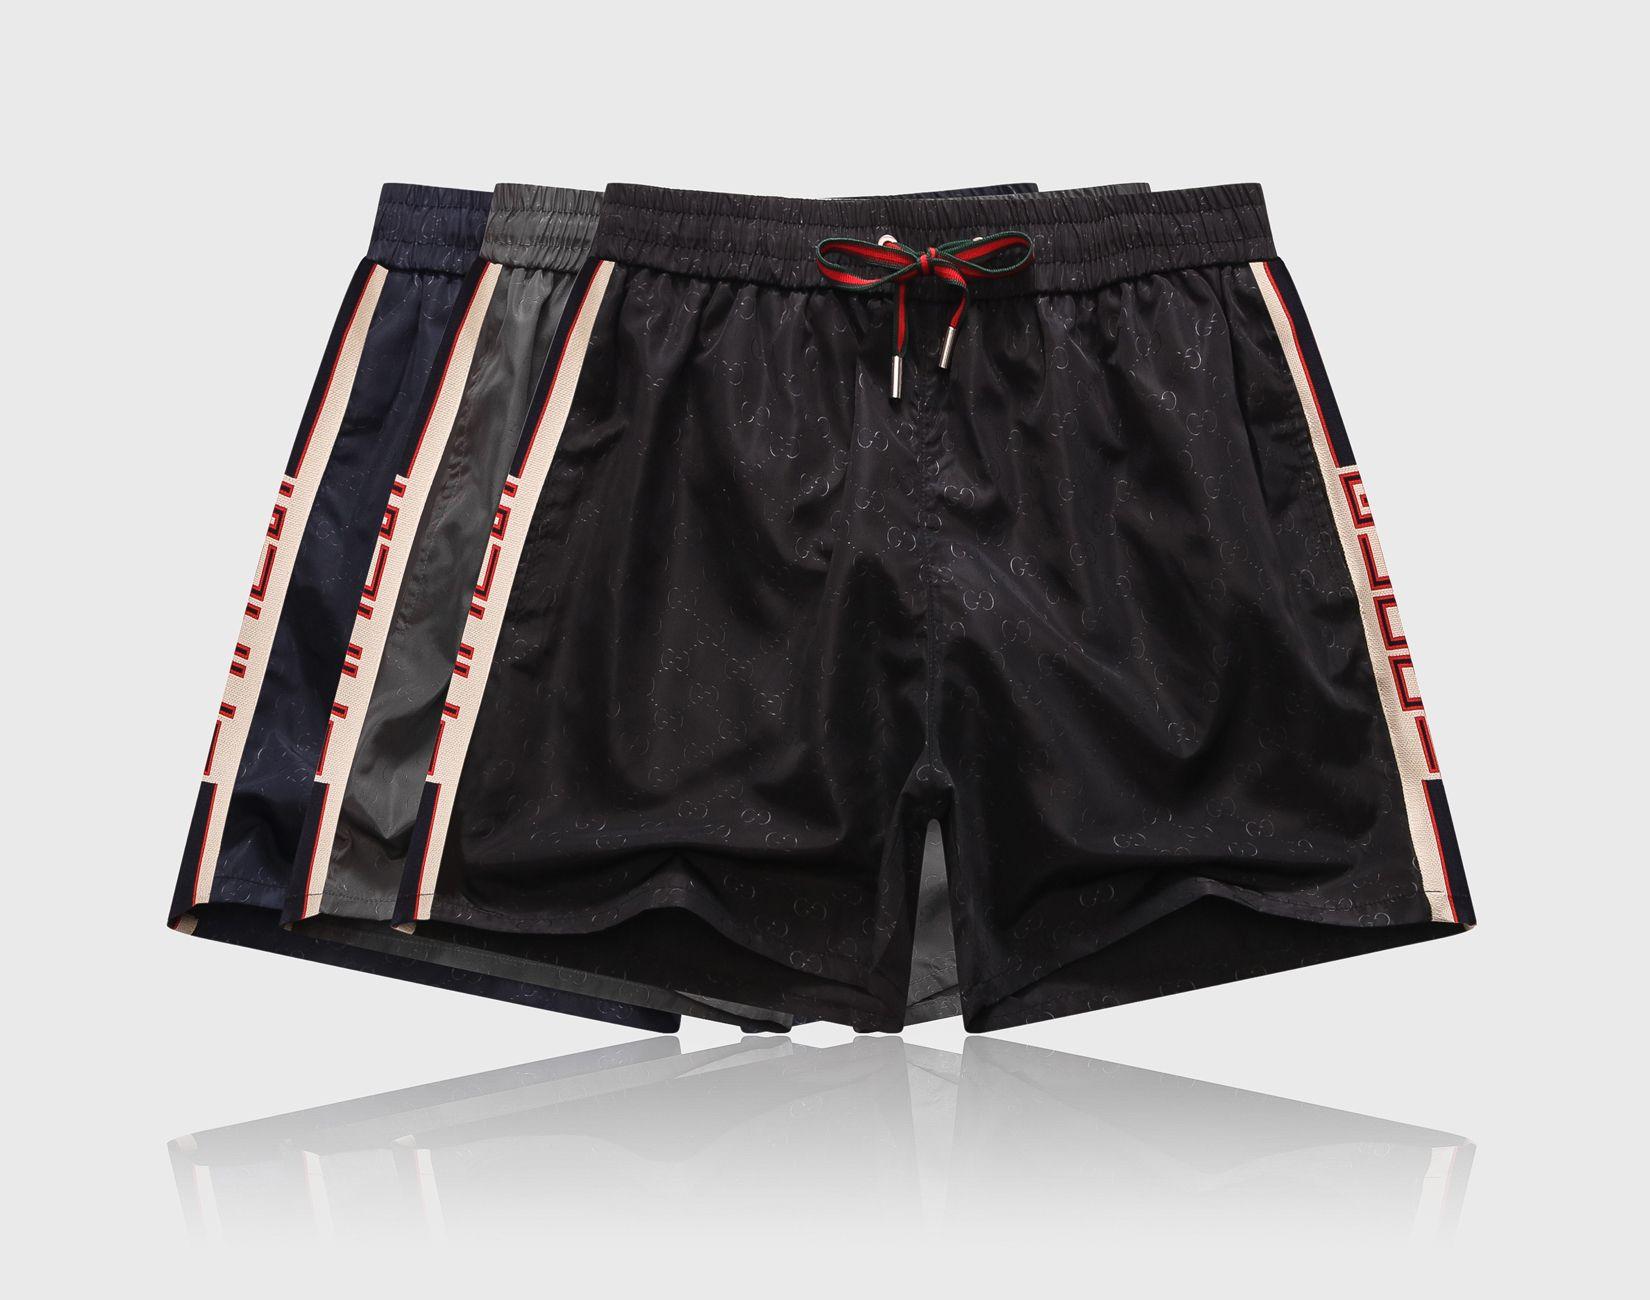 calças de praia de Moda de Nova Mens Shorts Casual Sólidos Conselho Cor Shorts Men Summer Beach Swimming Shorts Men Sports A1